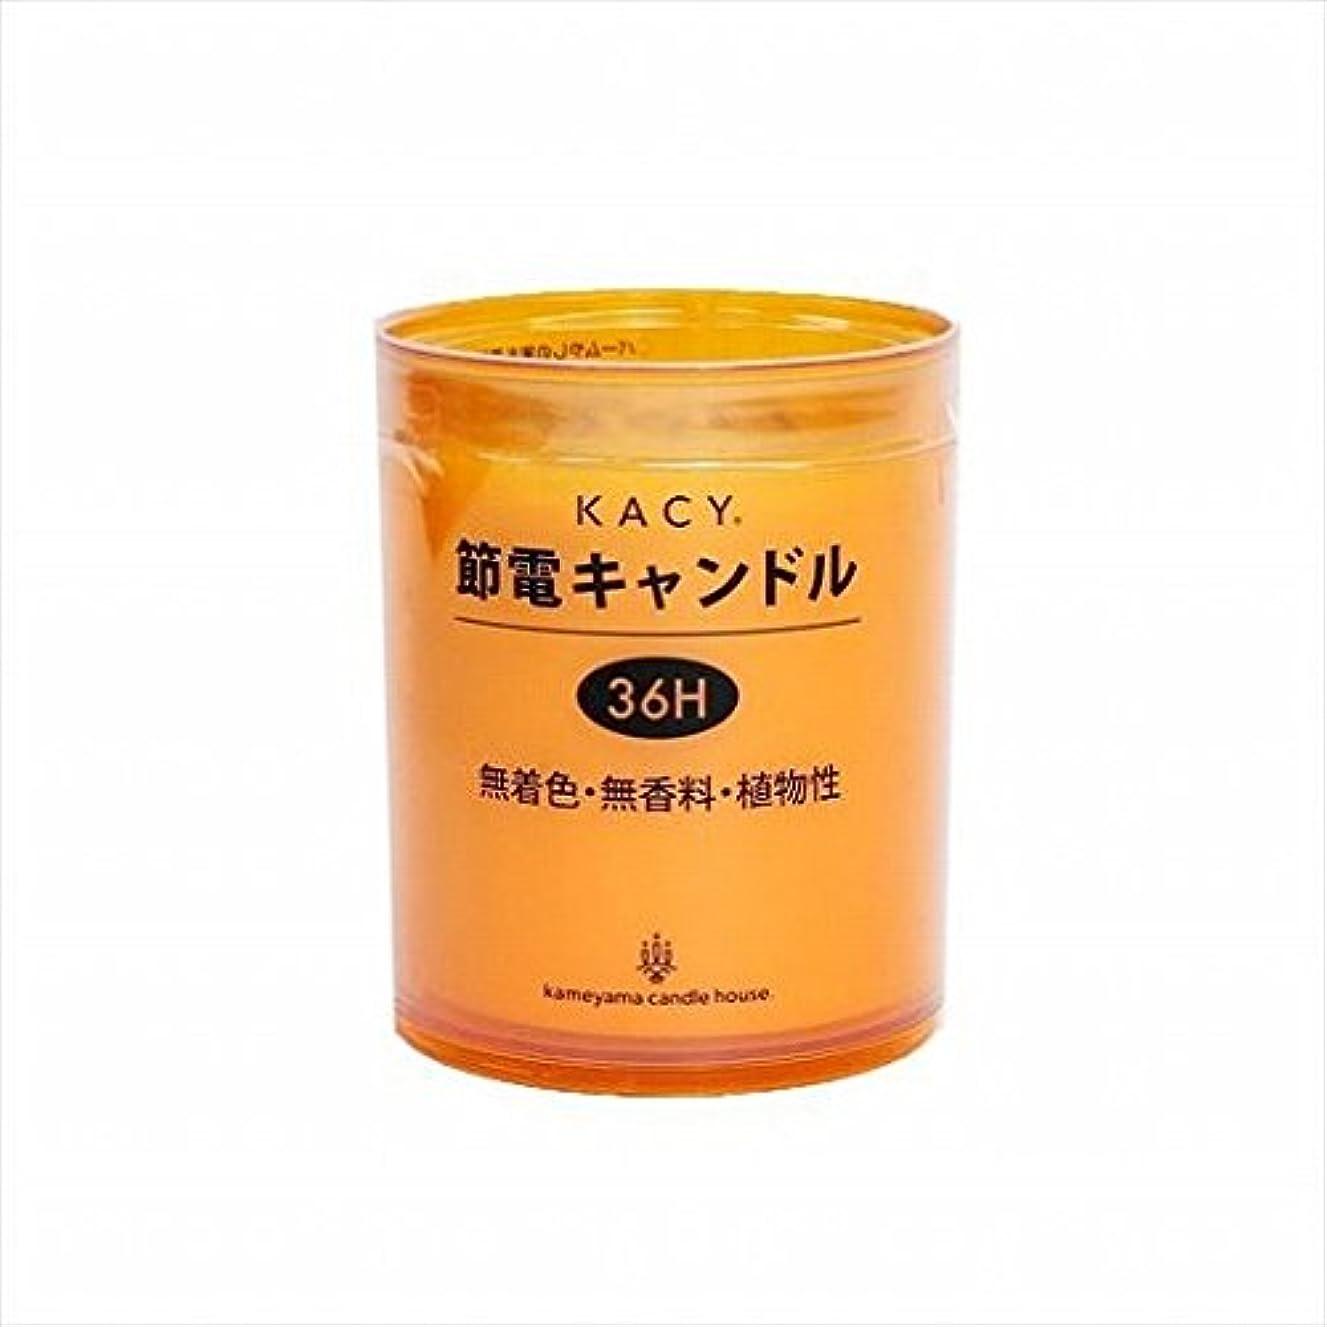 コミット苦しみ計算するkameyama candle(カメヤマキャンドル) 節電キャンドル 36時間タイプ 「 オレンジ 」 キャンドル 83x83x100mm (A9610010OR)